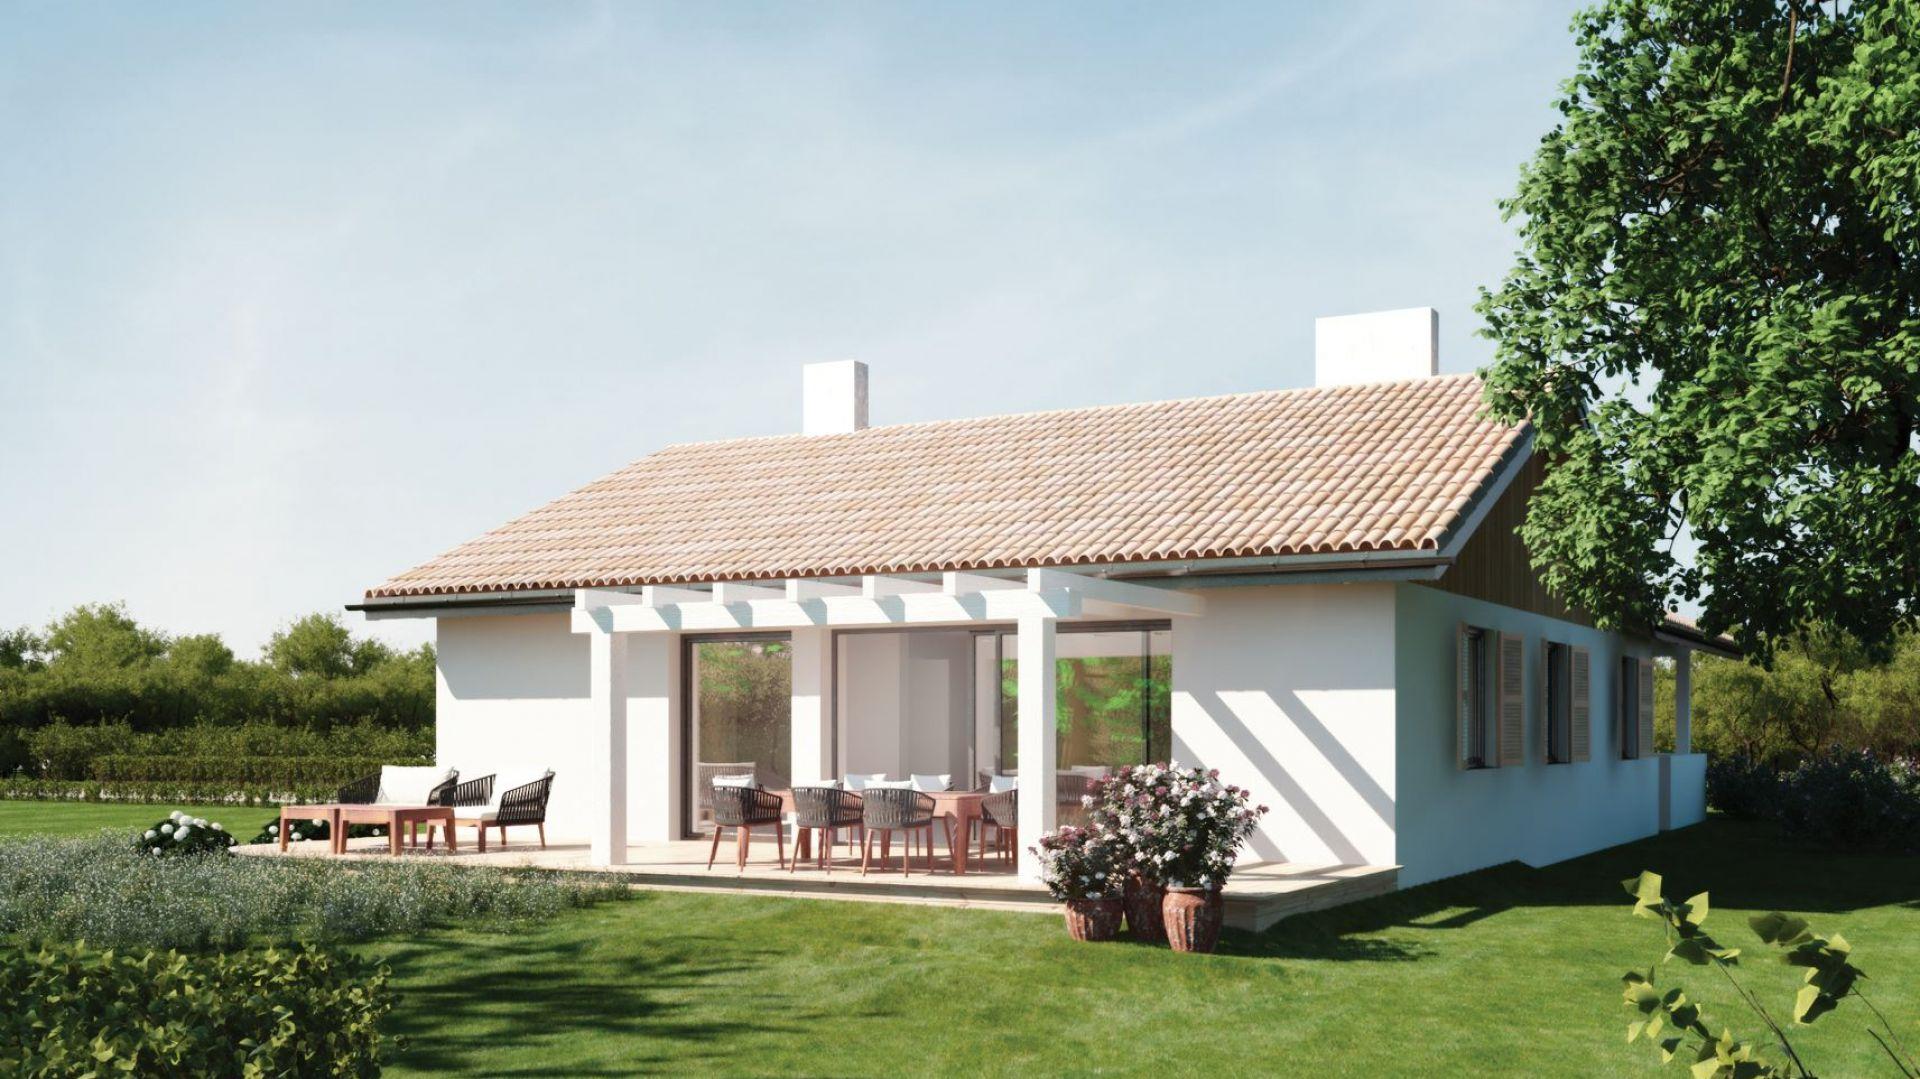 Mały dom parterowy N13mb. Projekt: arch. Sylwia Strzelecka. Fot. S&O Projekty Sylwii Strzeleckiej